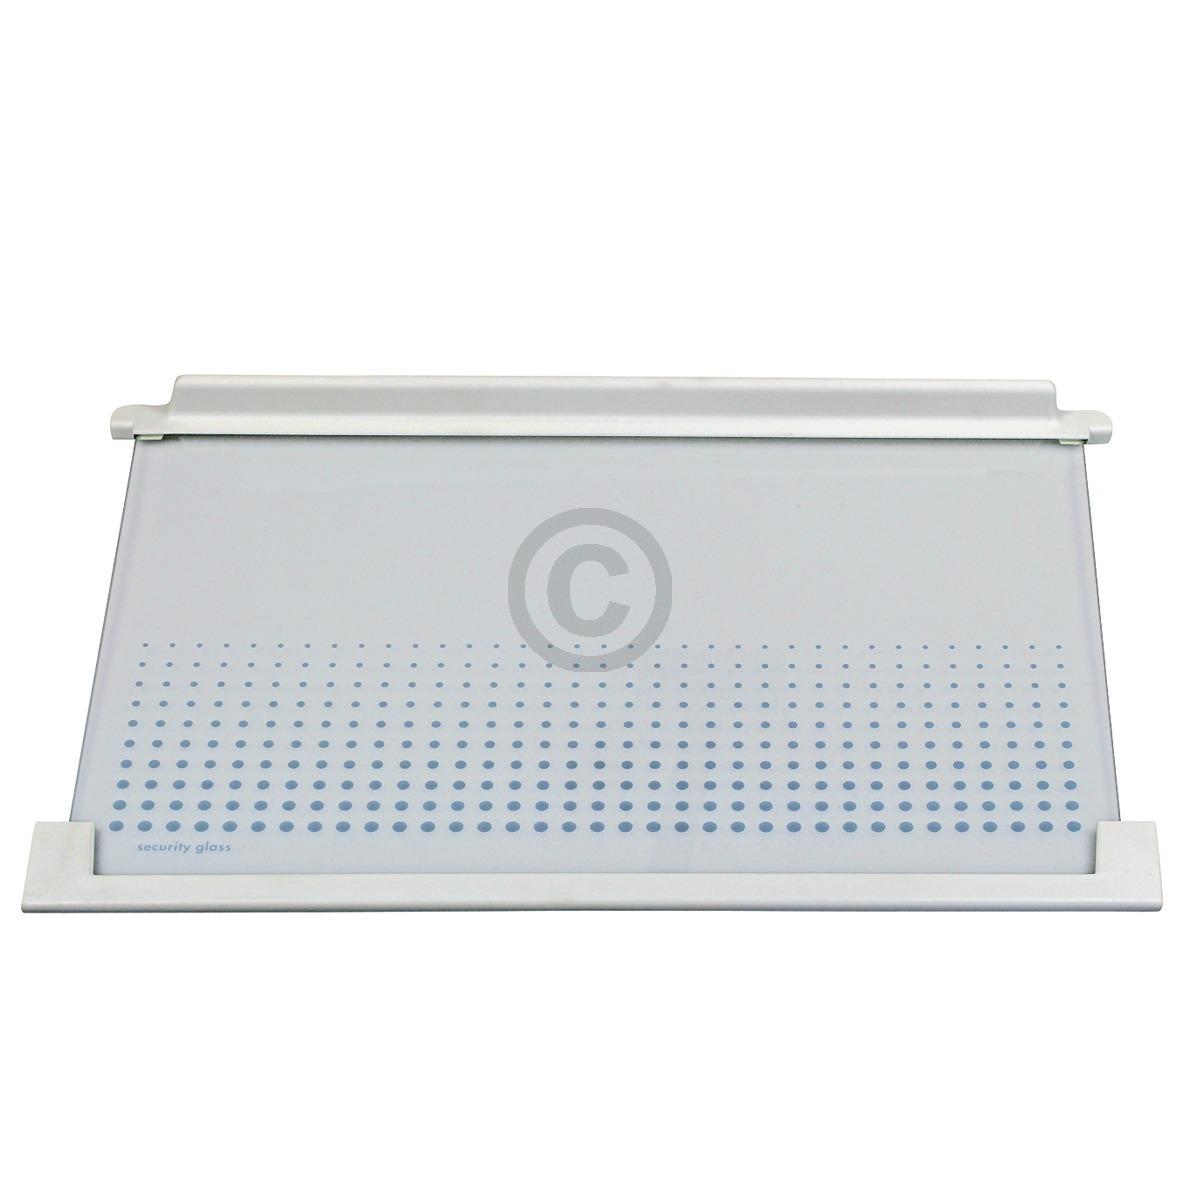 Glasplatte AEG 225137453/0 475x315mm mit Leisten für Kühlschrank